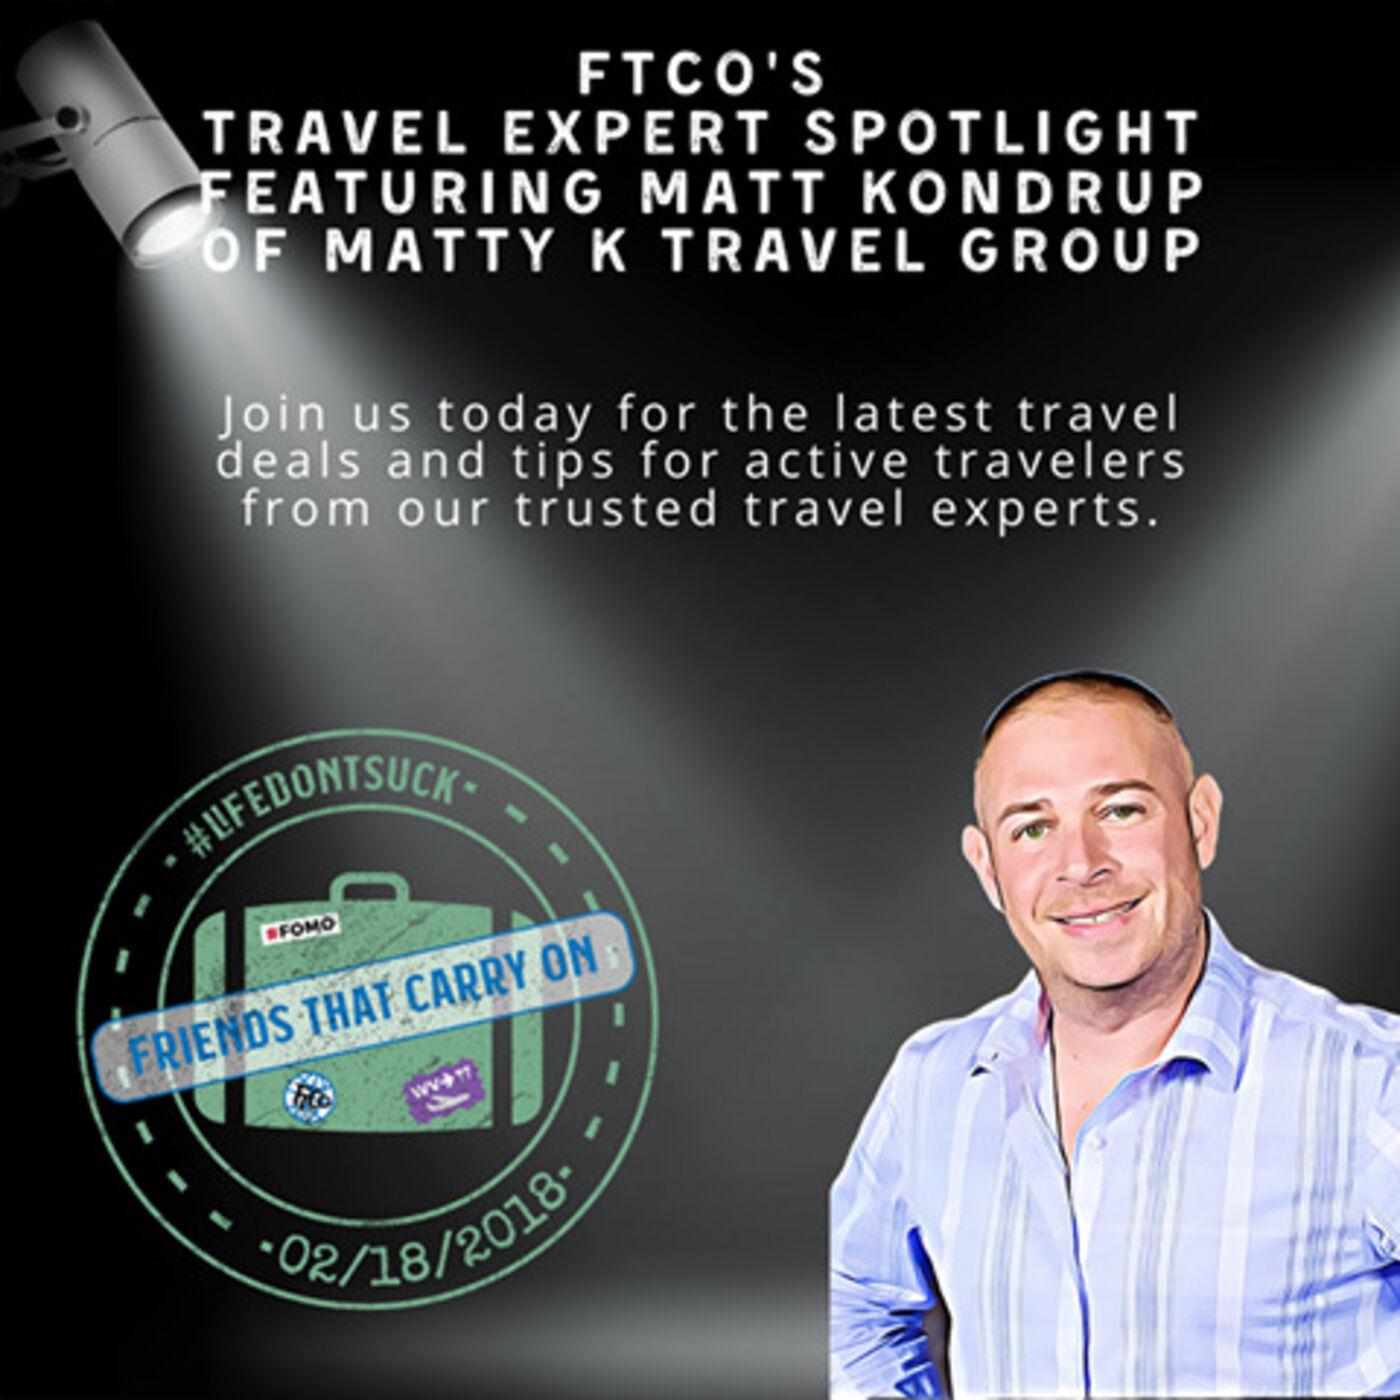 FTCO's Travel Expert Spotlight Featuring Matt Kondrup of Matty K Travel Group